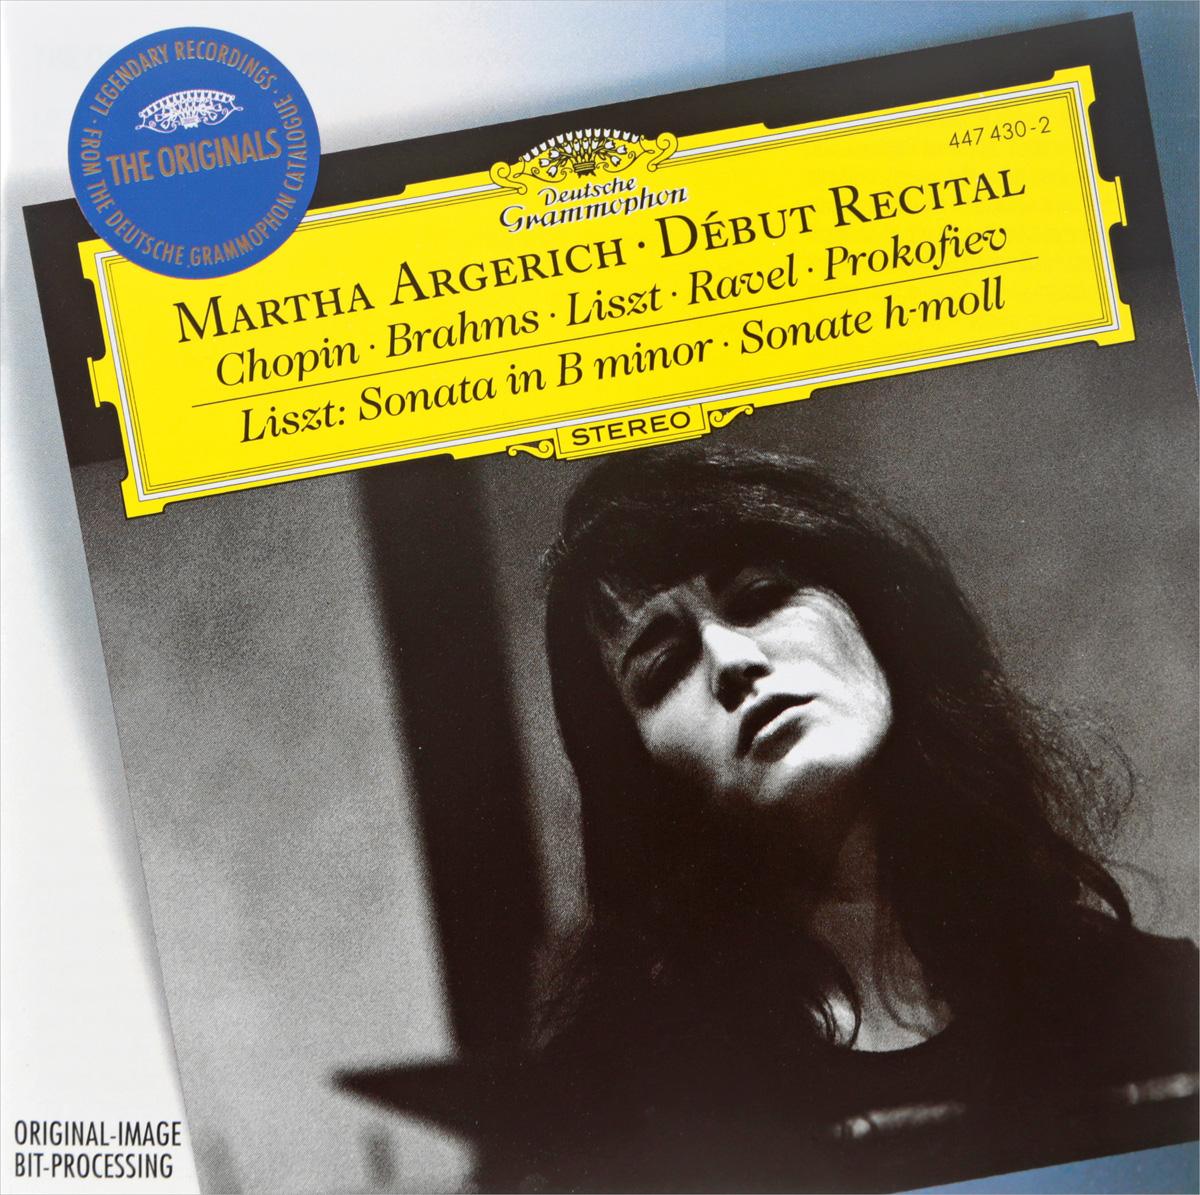 Марта Аргерих Martha Argerich. Debut Recital миша майский марта аргерих mischa maisky martha argerich in concert